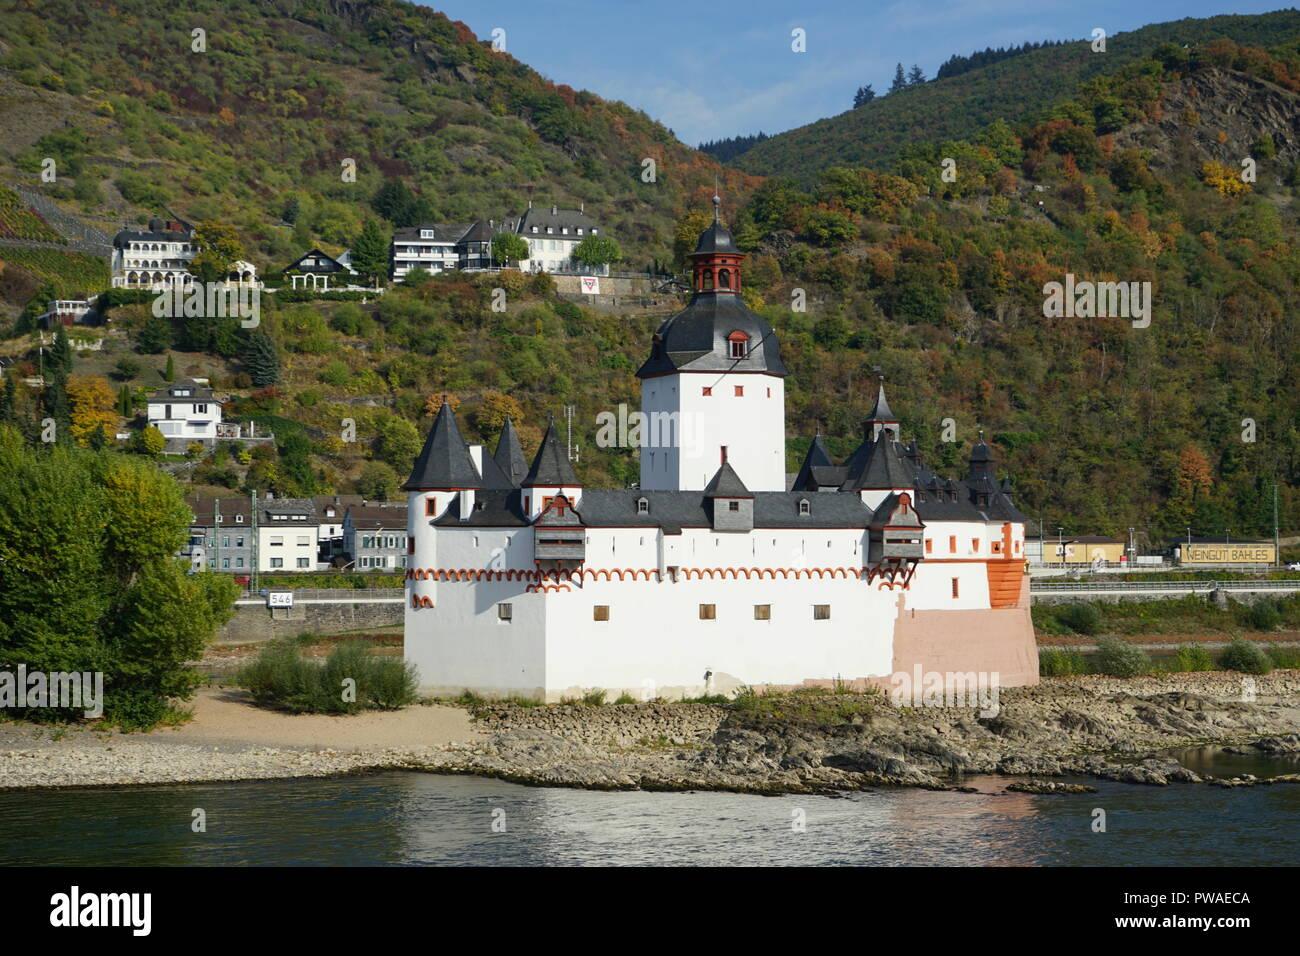 Burg Pfalzgrafenstein, Inselburg und Zollburg bei Kaub am Rhein, Welterbe Kulturlandschaft Oberes Mittelrheintal, Rhein, Deutschland, Europa - Stock Image